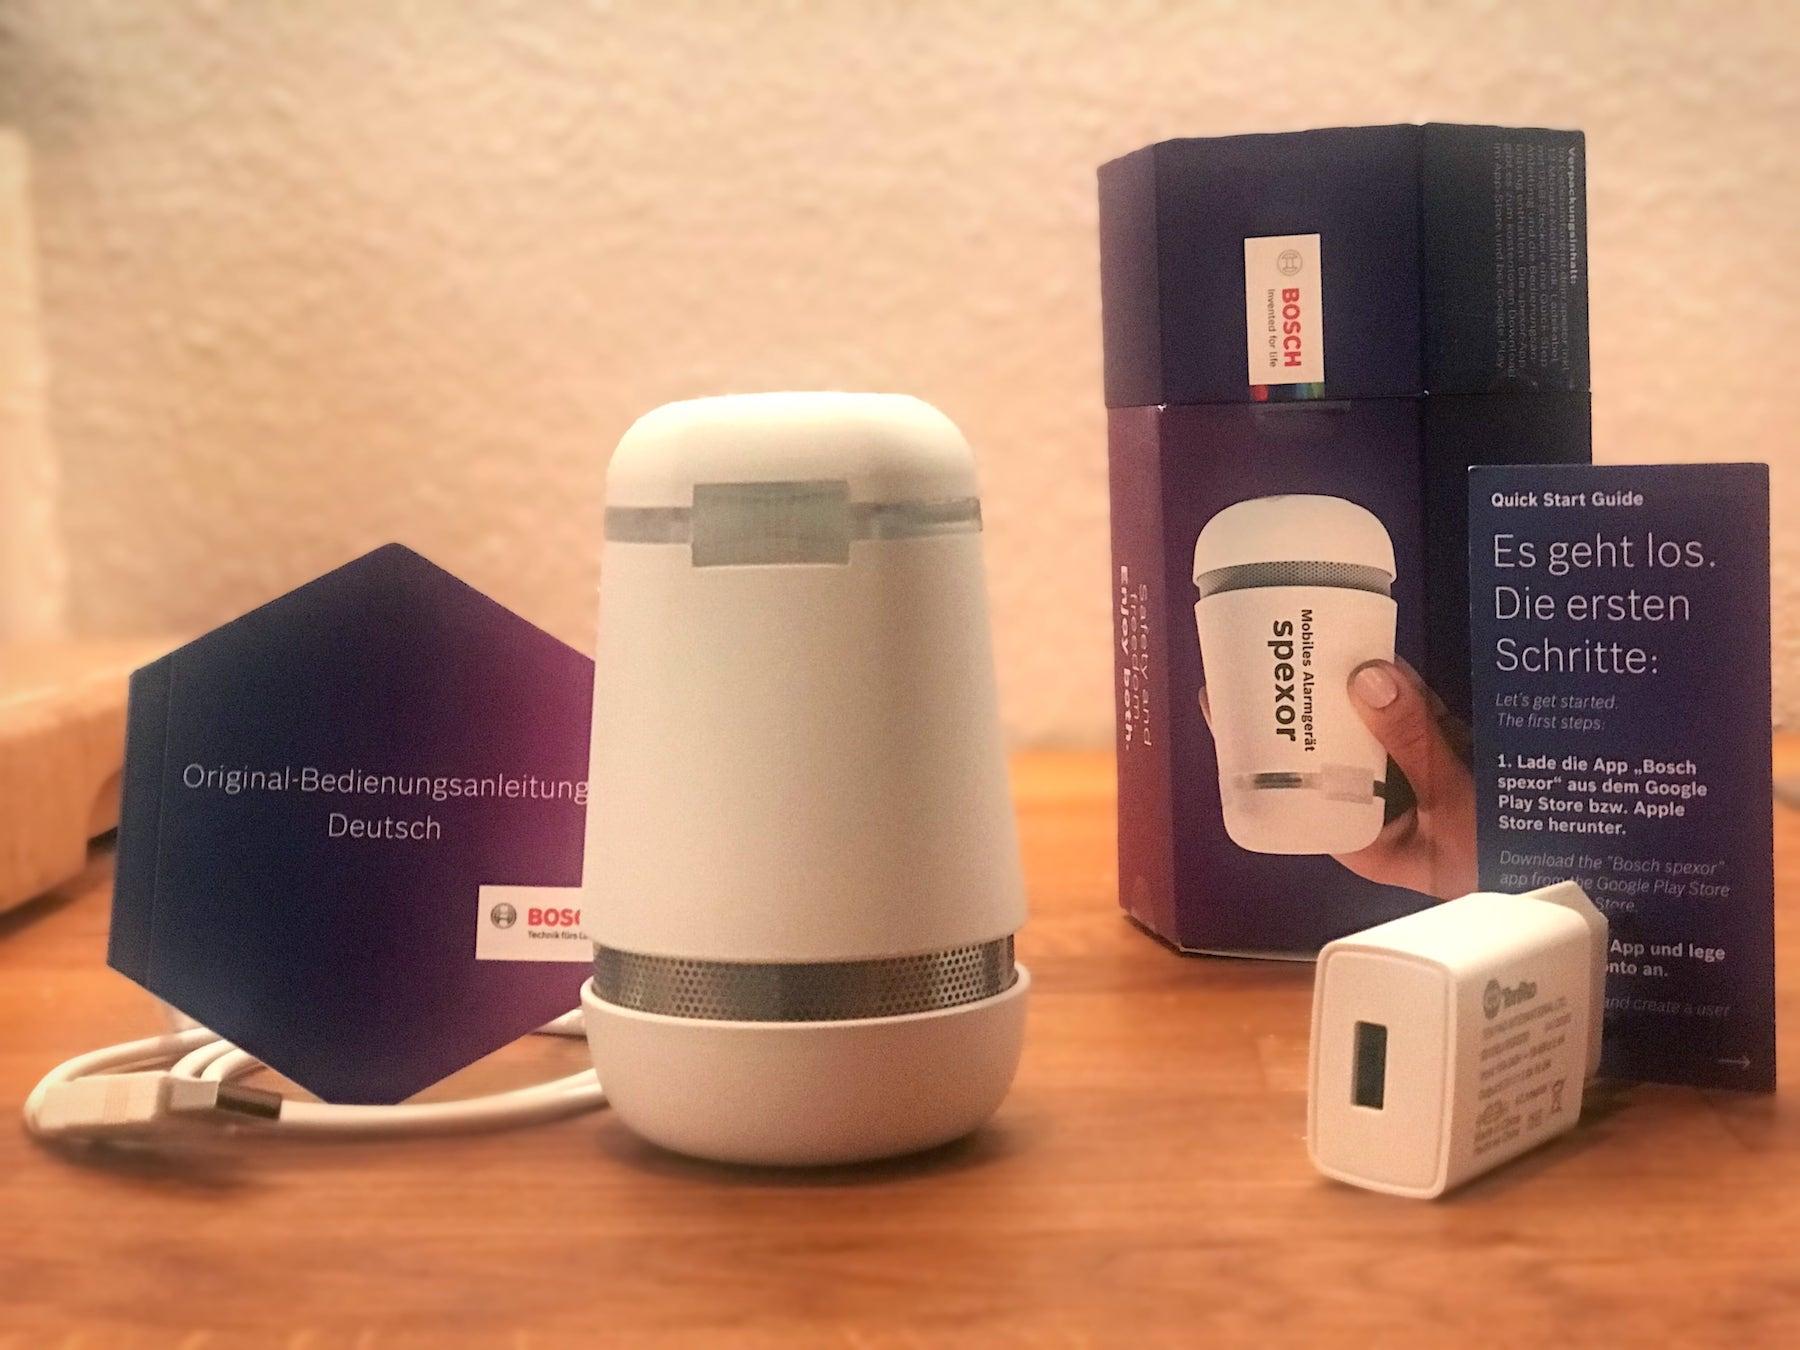 Bosch Spexor mobile Sicherheit